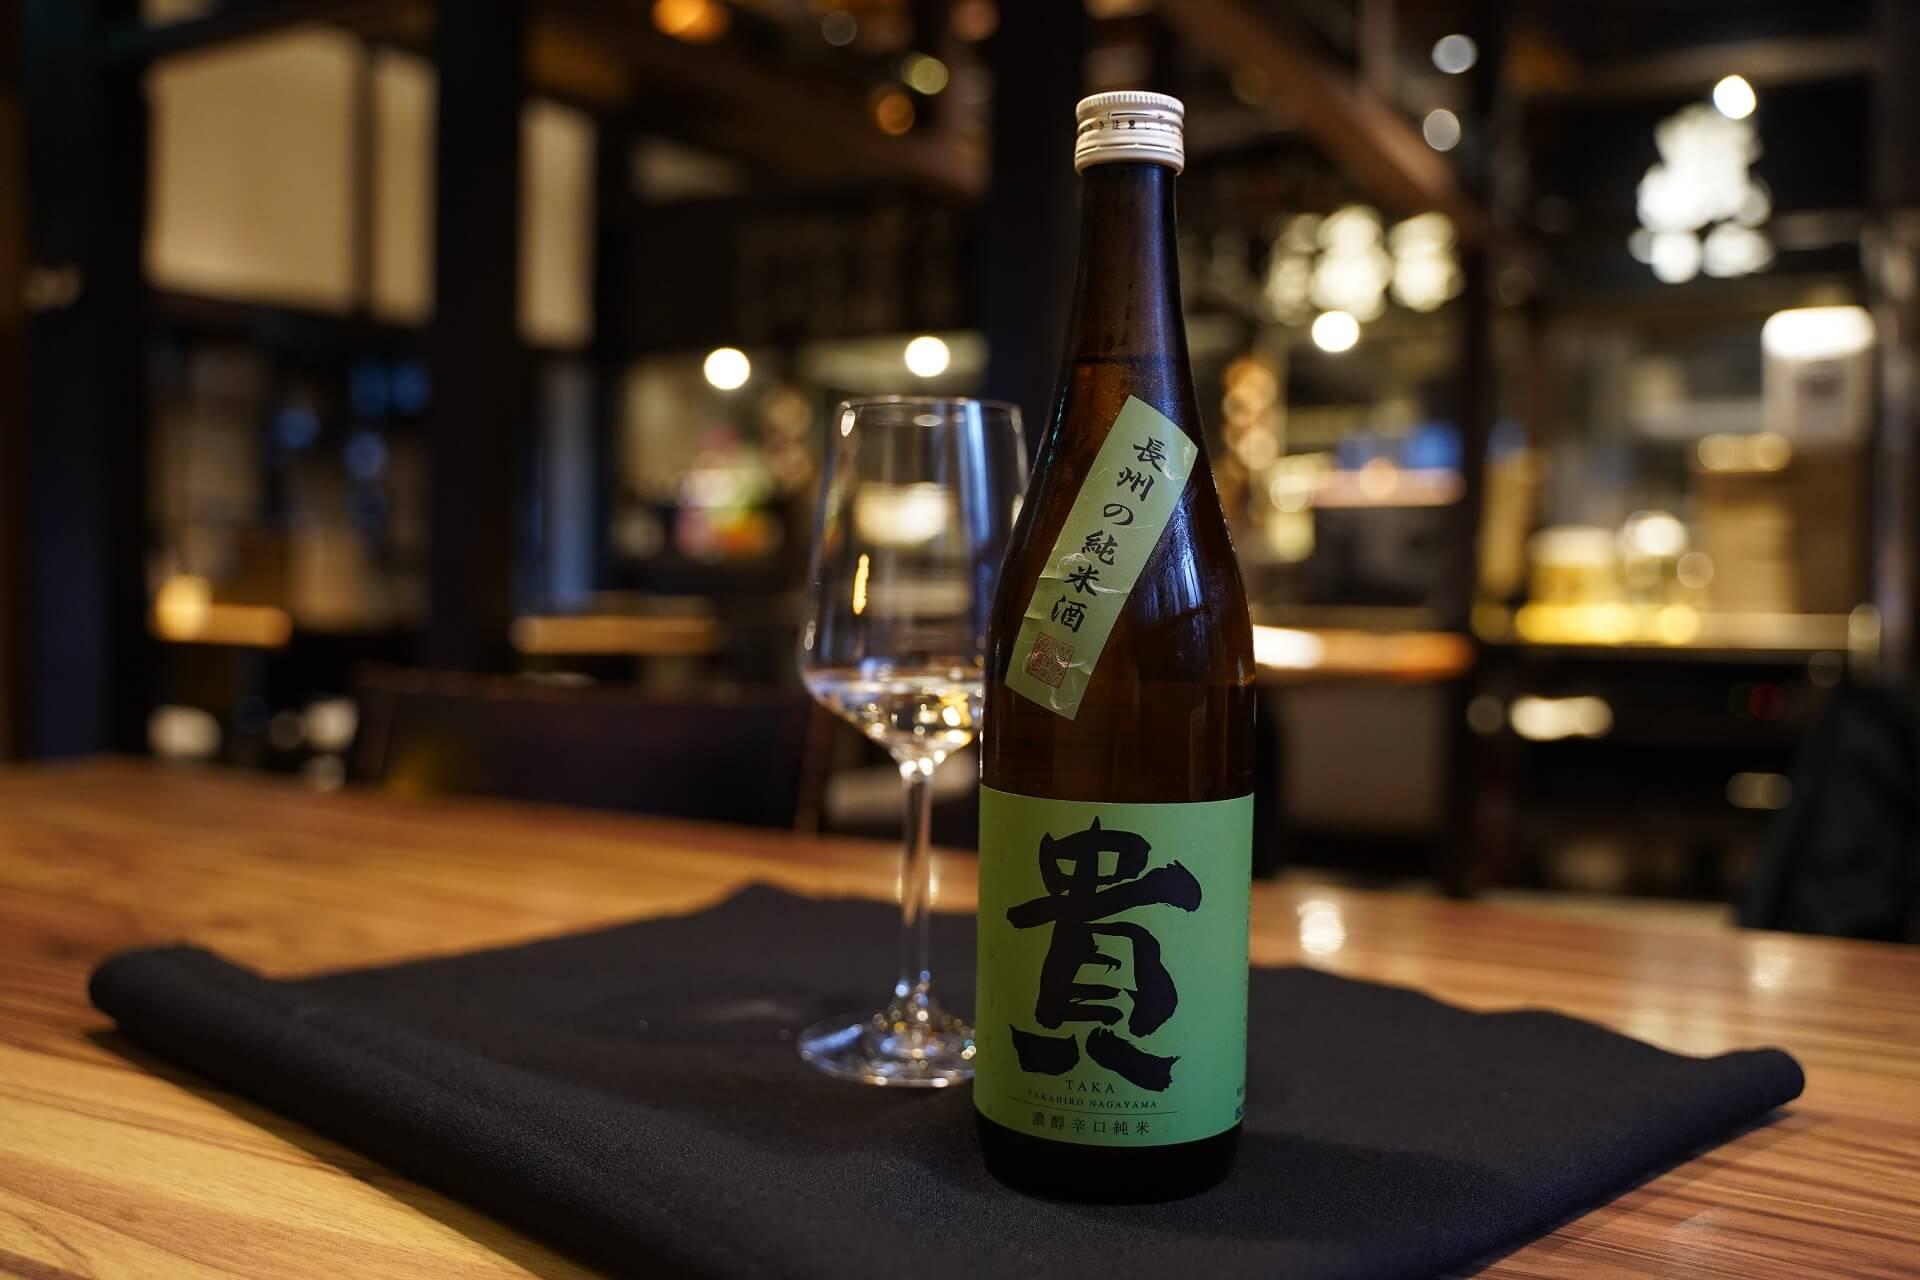 【唎酒師介紹日本清酒20】永山本家酒造場-貴 80 濃醇辛口 純米酒 720ml